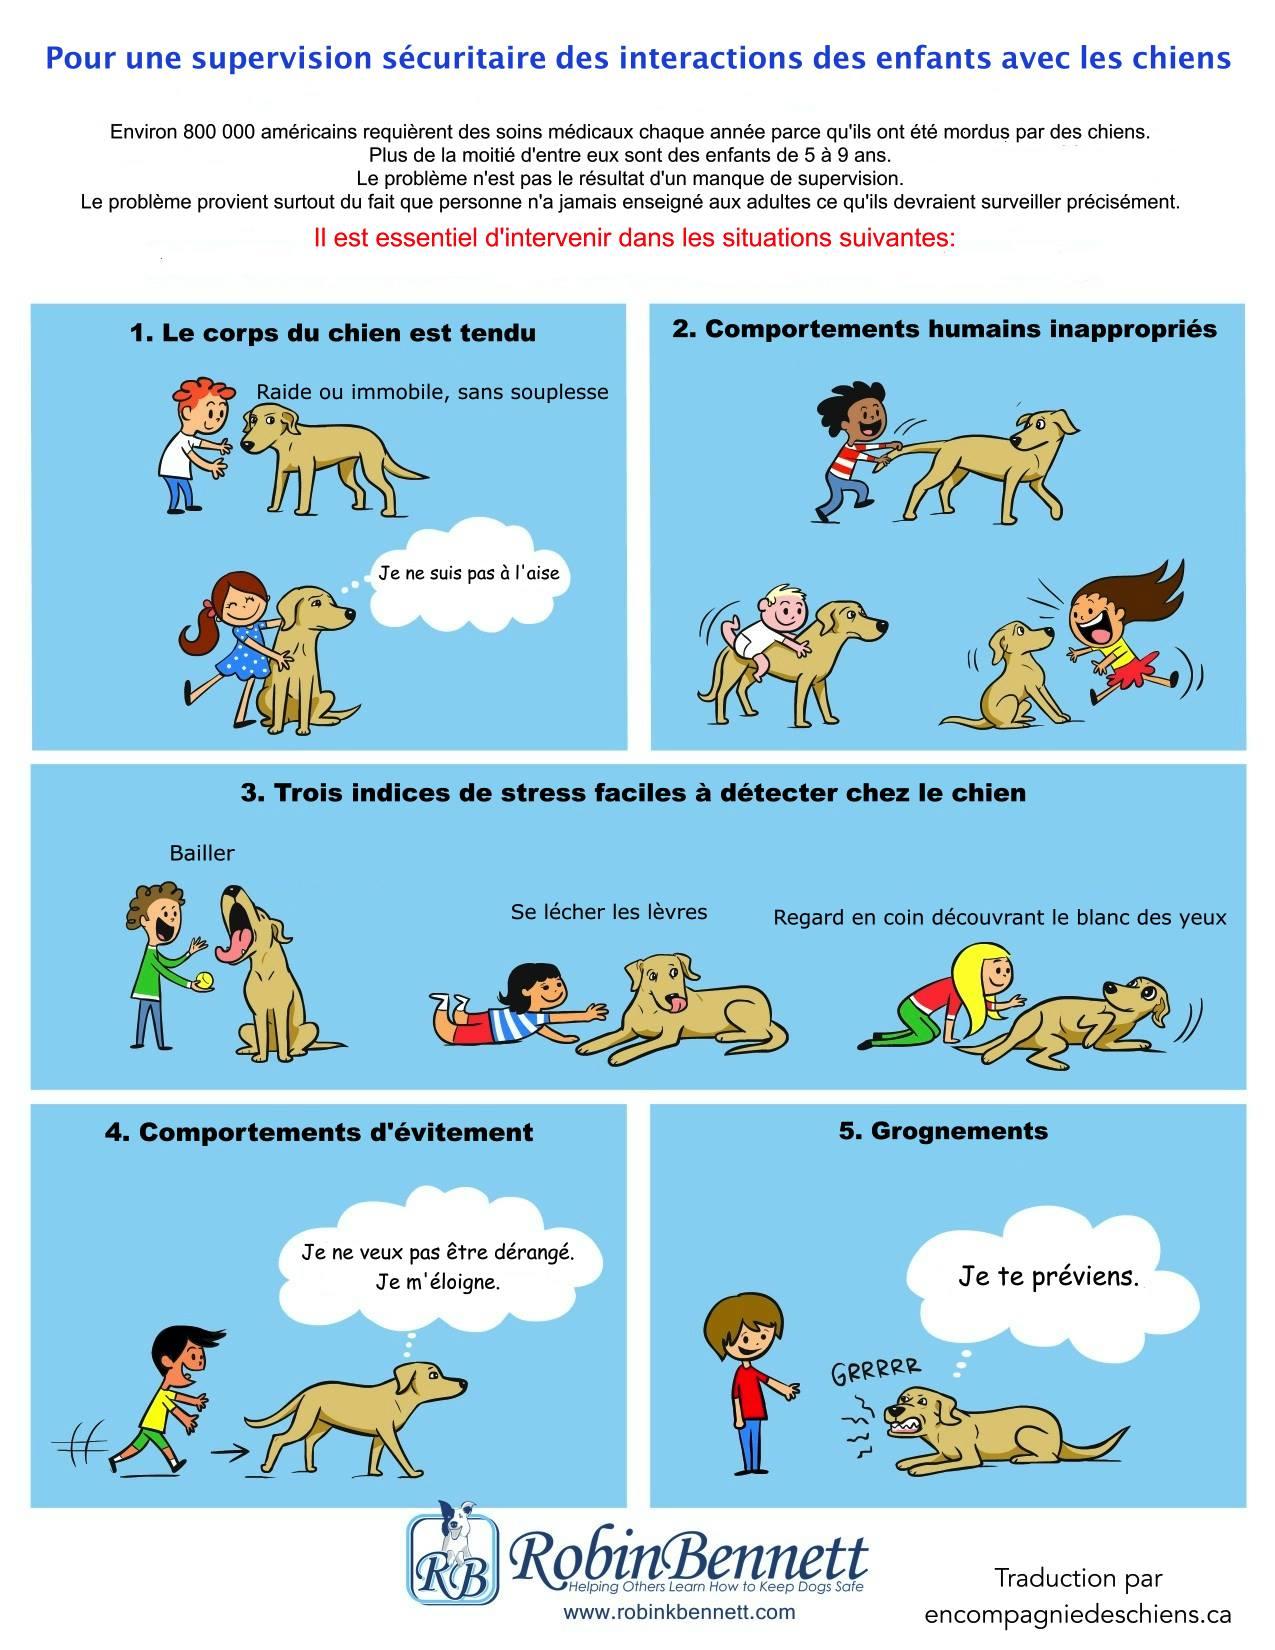 Adoption chienne d'élevage: problème avec les enfants - Page 3 Chien-et-enfant-officiel